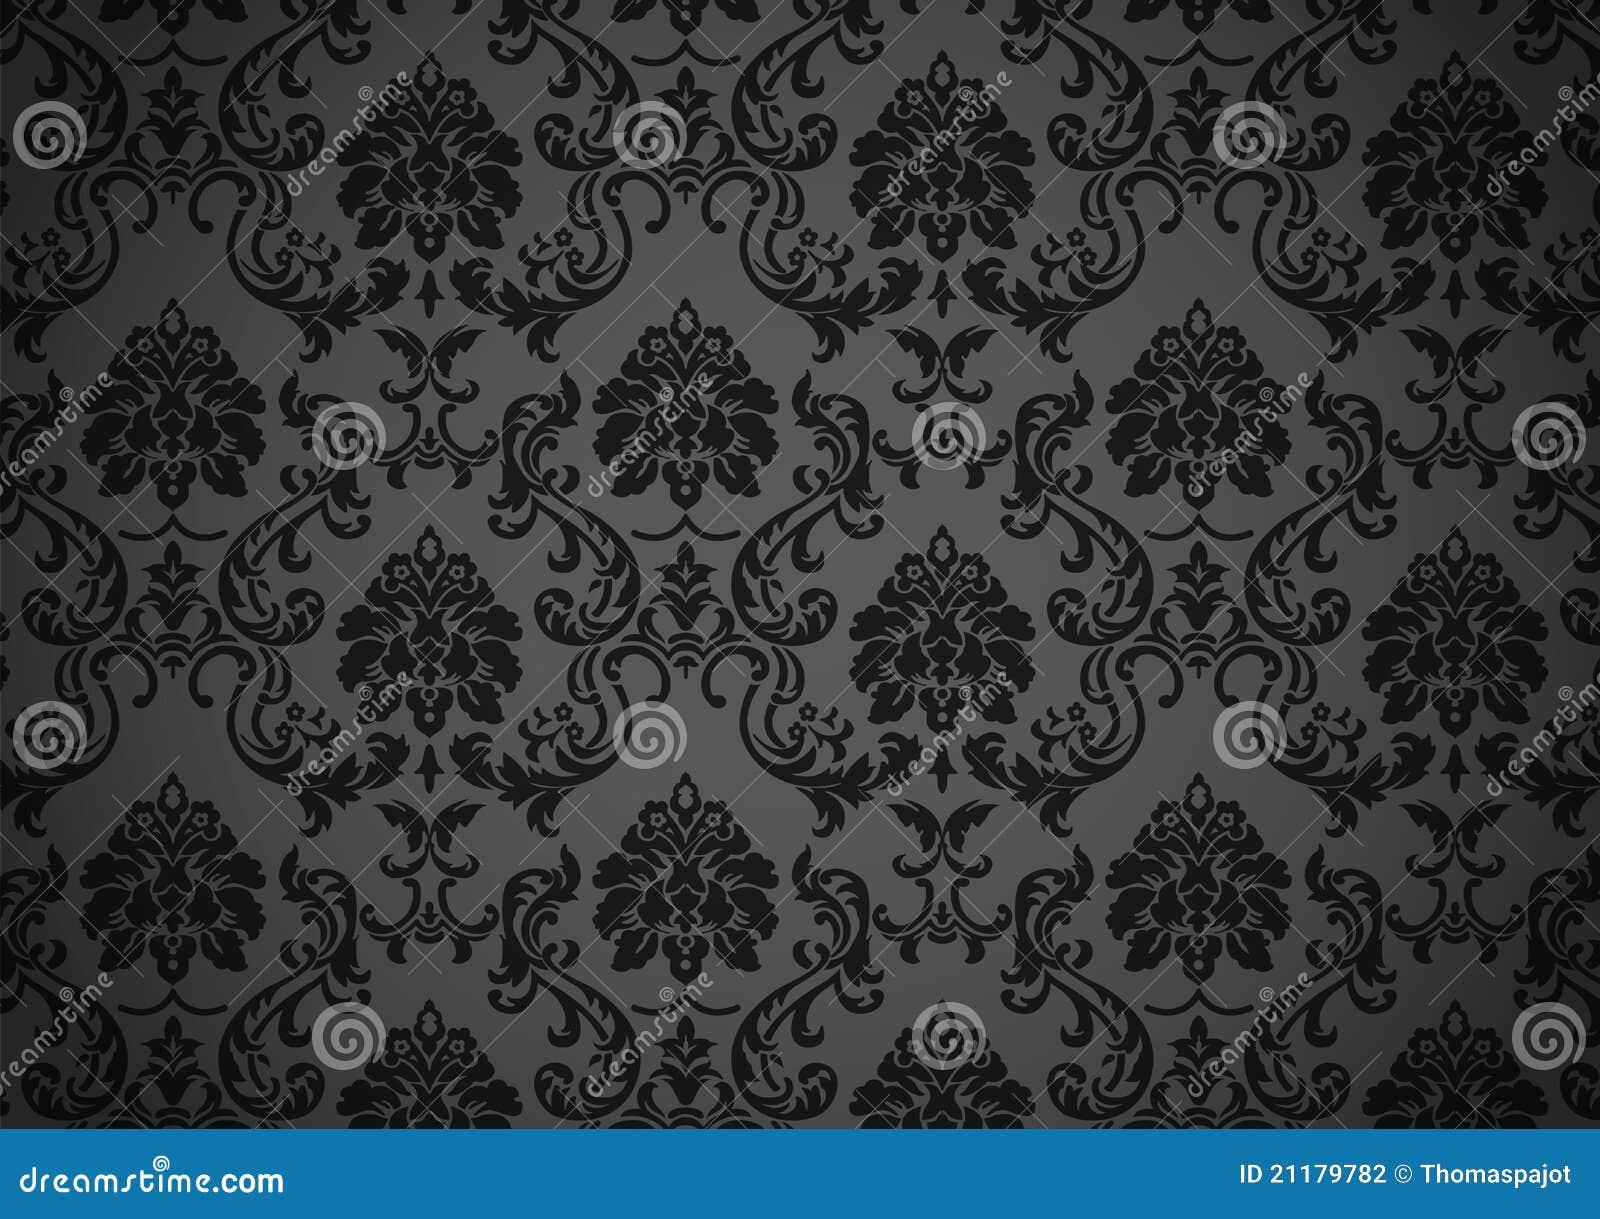 Papel pintado barroco oscuro ilustraci n del vector ilustraci n de decoraci n antig edad - Papel pintado barroco ...